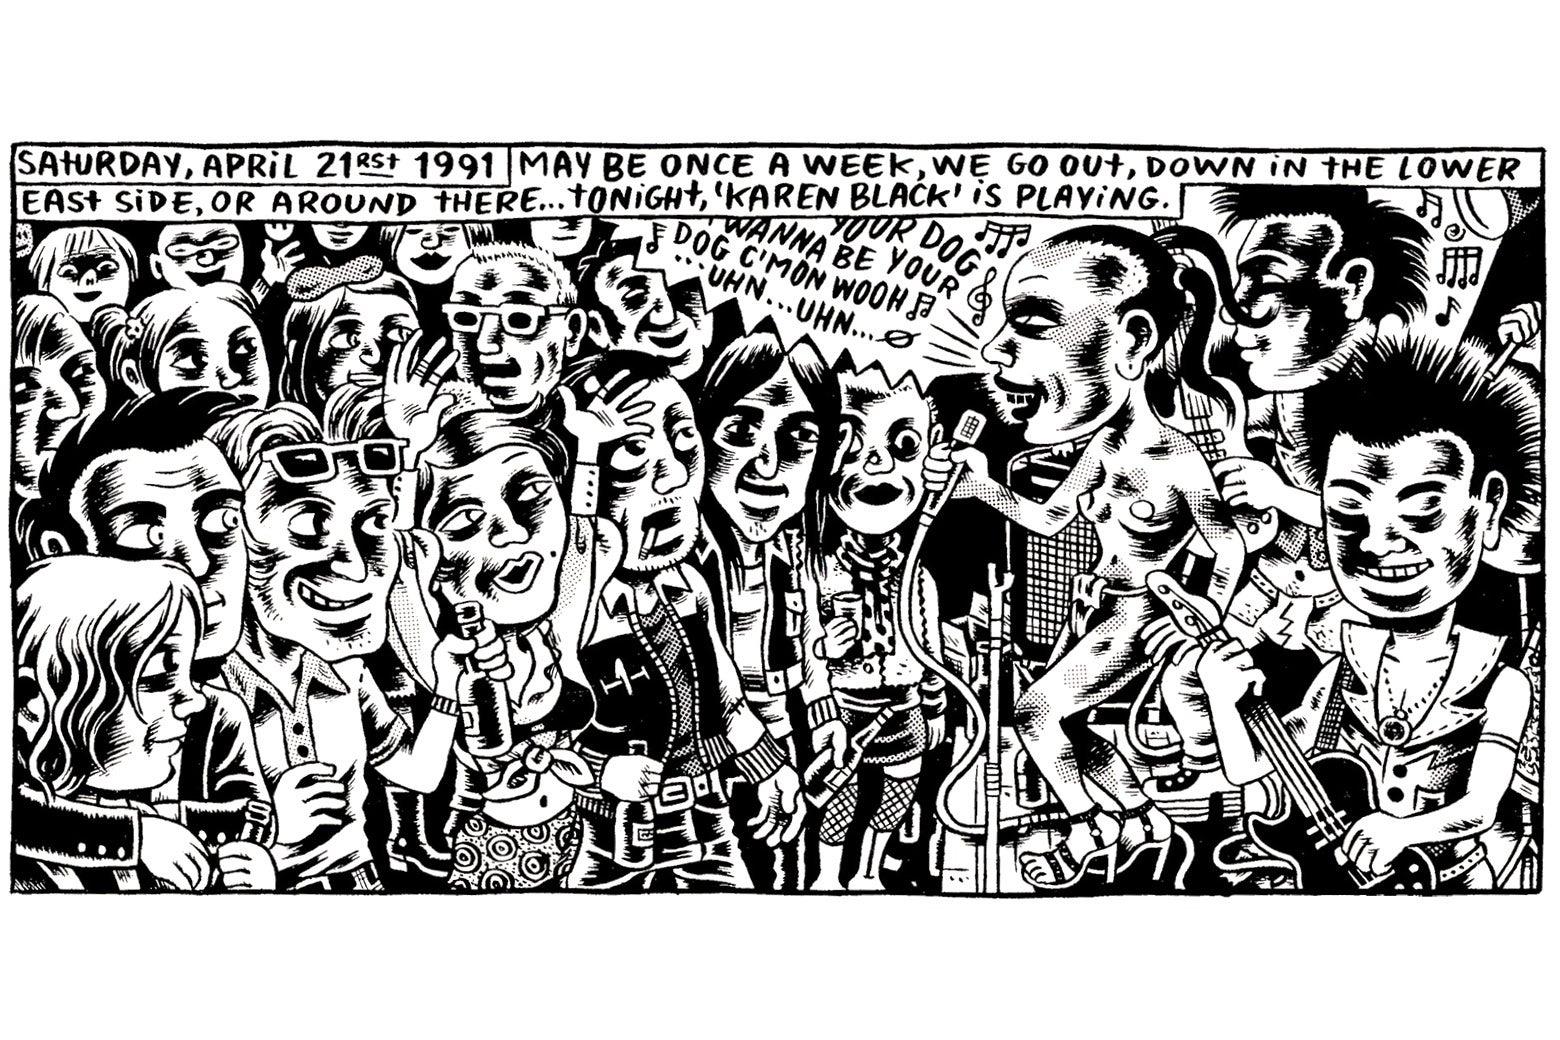 A crowd attends a punk show, featuring Karen Black.